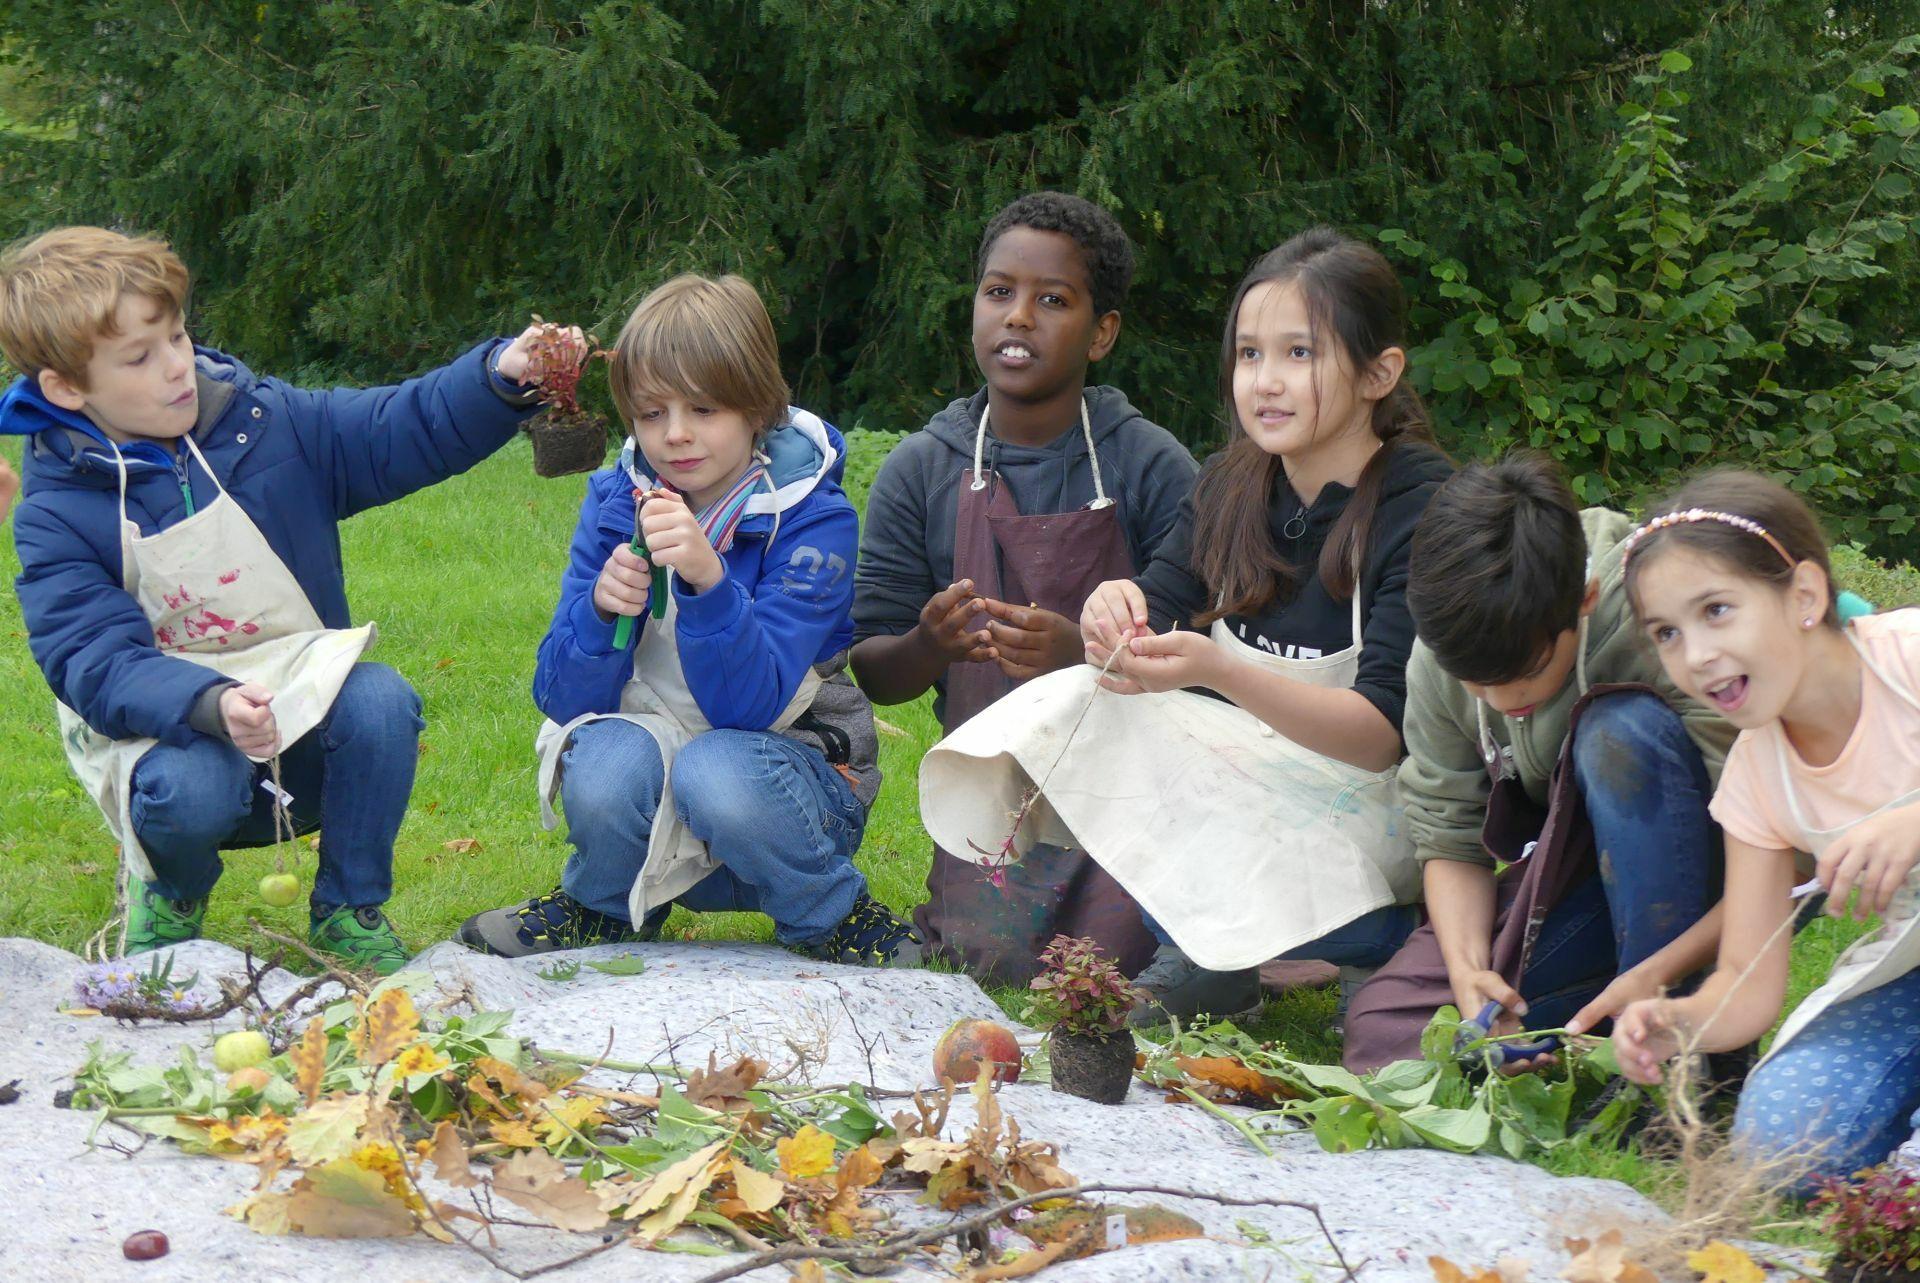 Naturkunde mitten in der Natur im neuen Wissensgarten des Bad Homburger Schlossparks